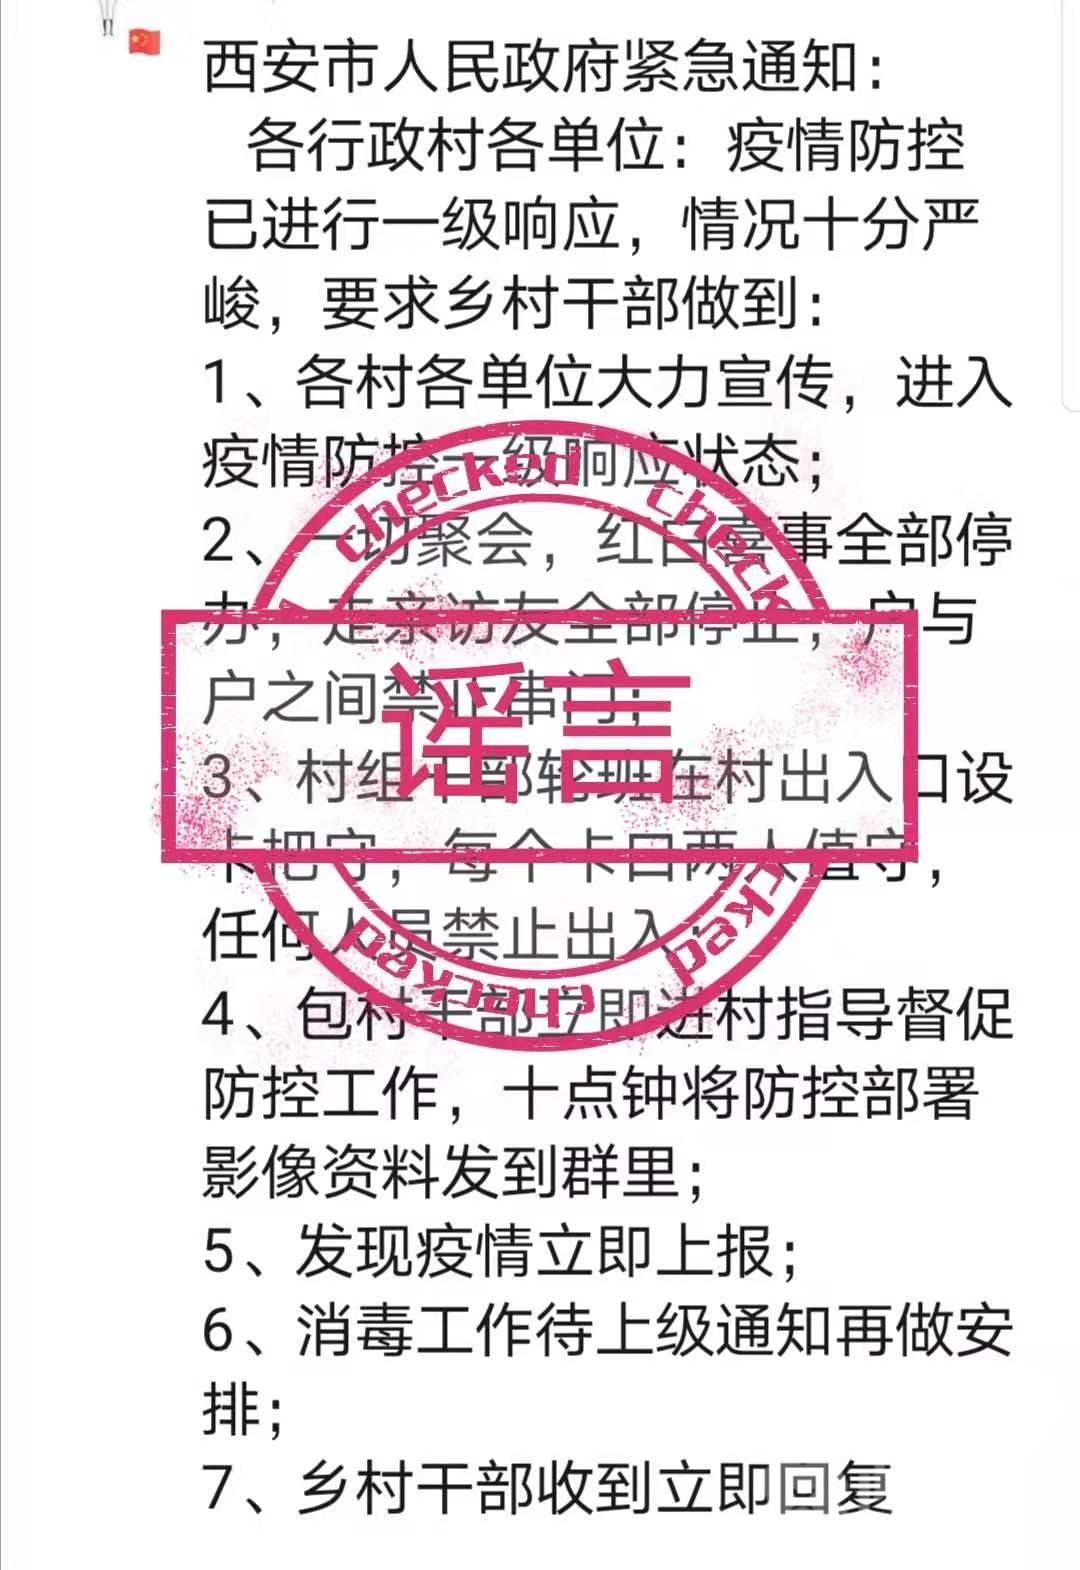 辟谣:这个以西安市政府名义安排行政村防控工作的通知是假的